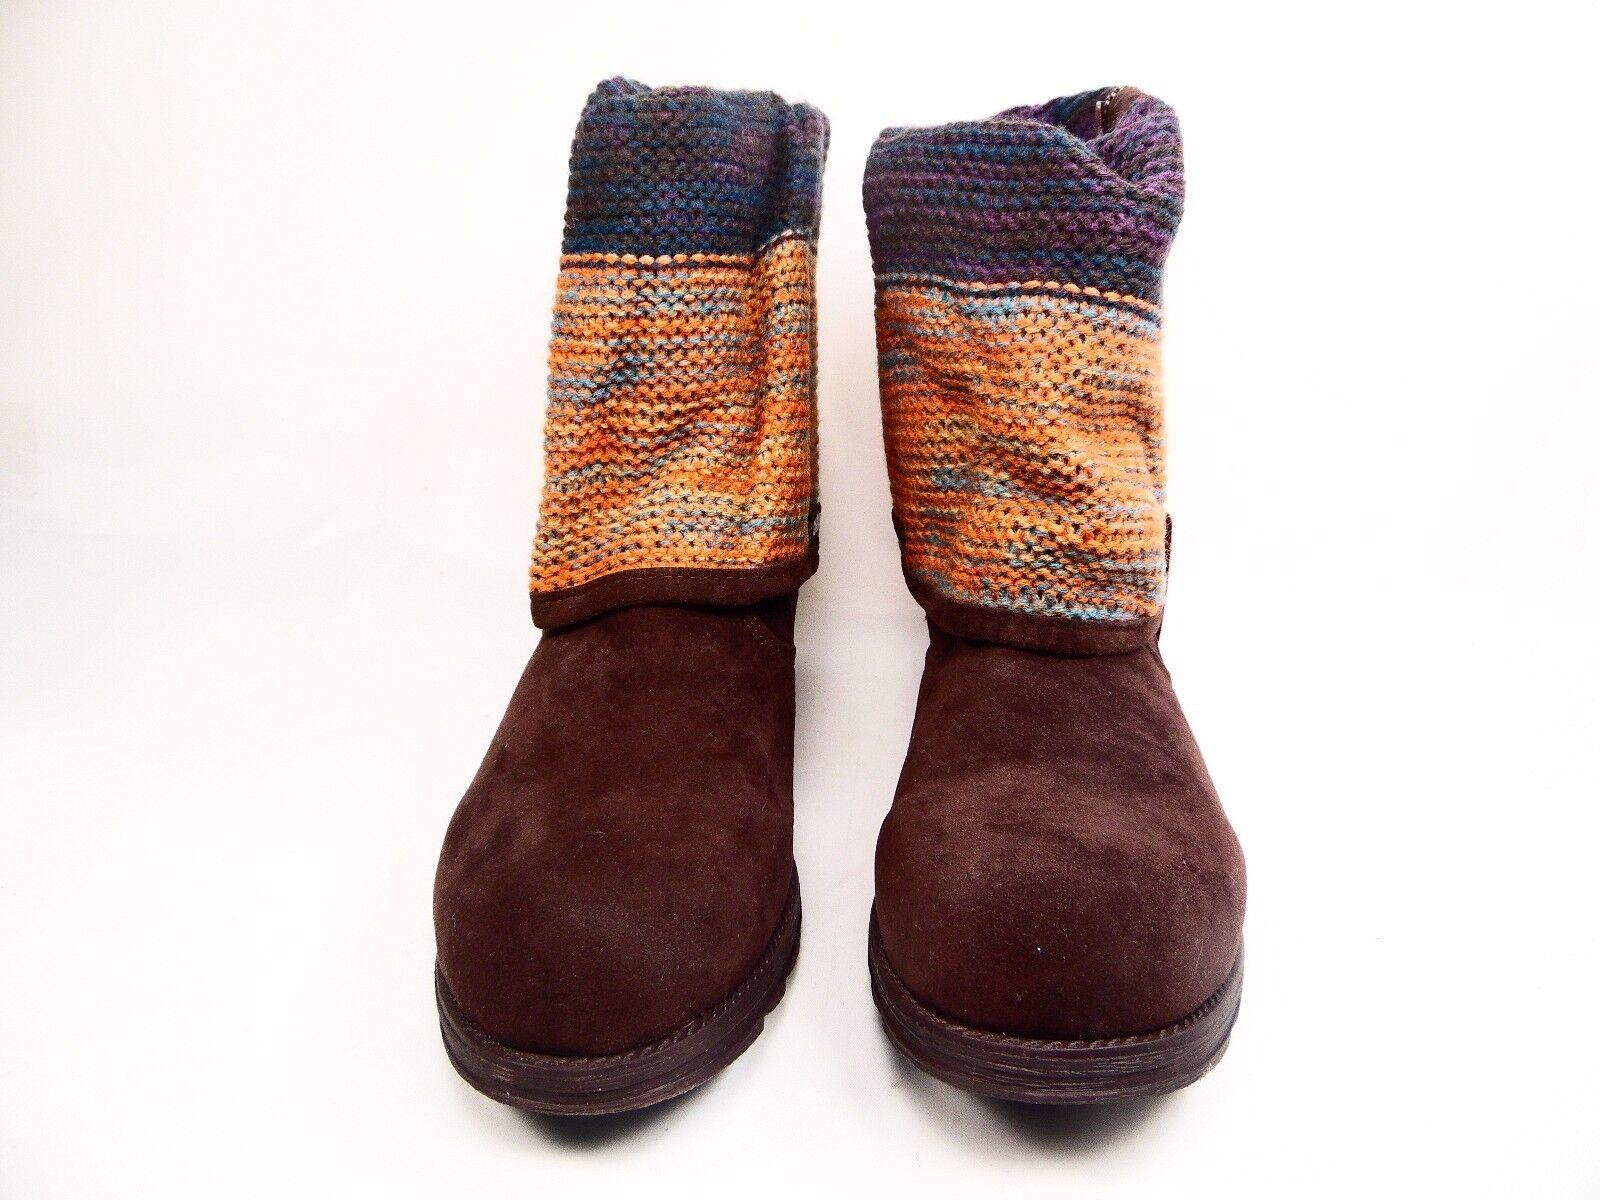 MUK LUKS Demi Women's Boots Dark Brown Size 10